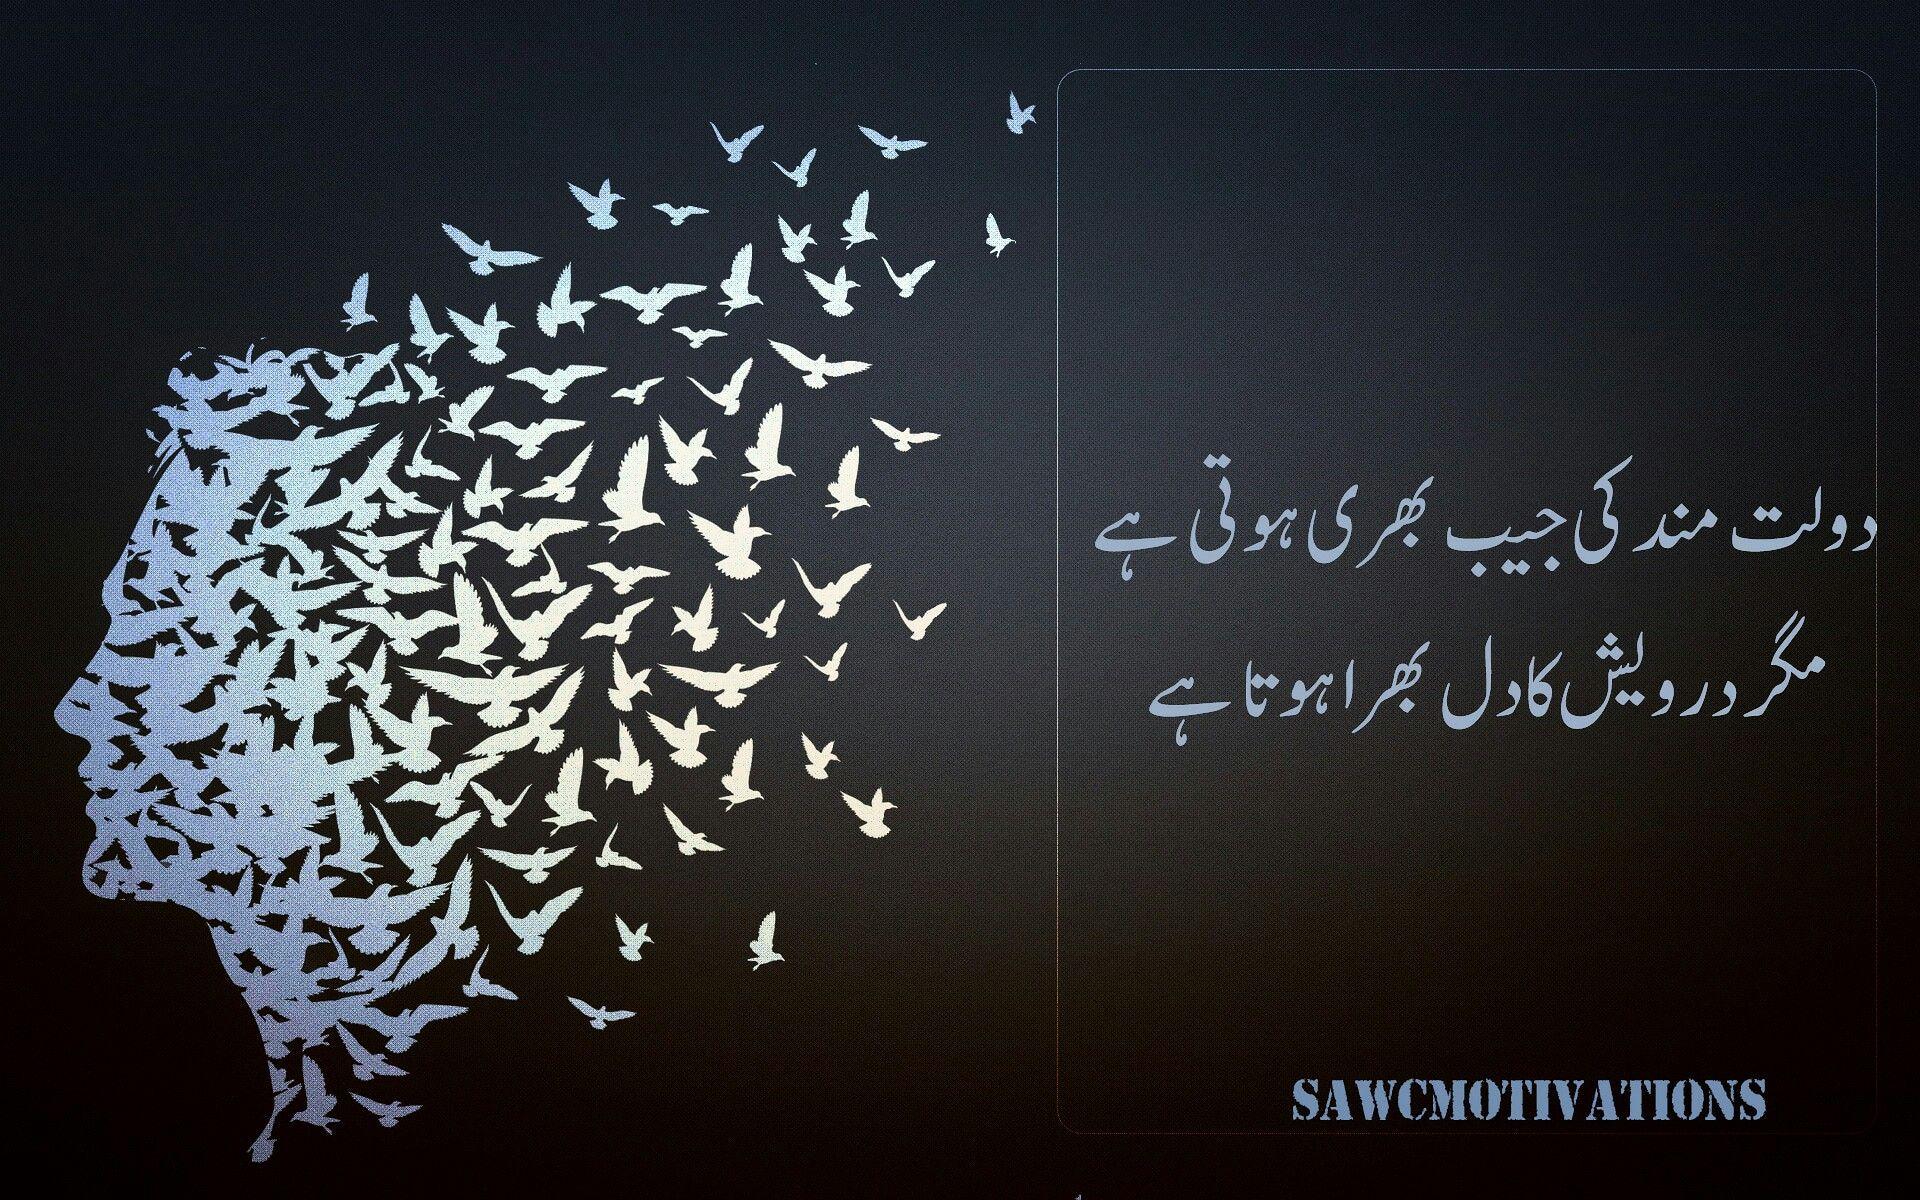 sawcmotivations Quotes Urdu Quotes Hub chaahat Pinterest